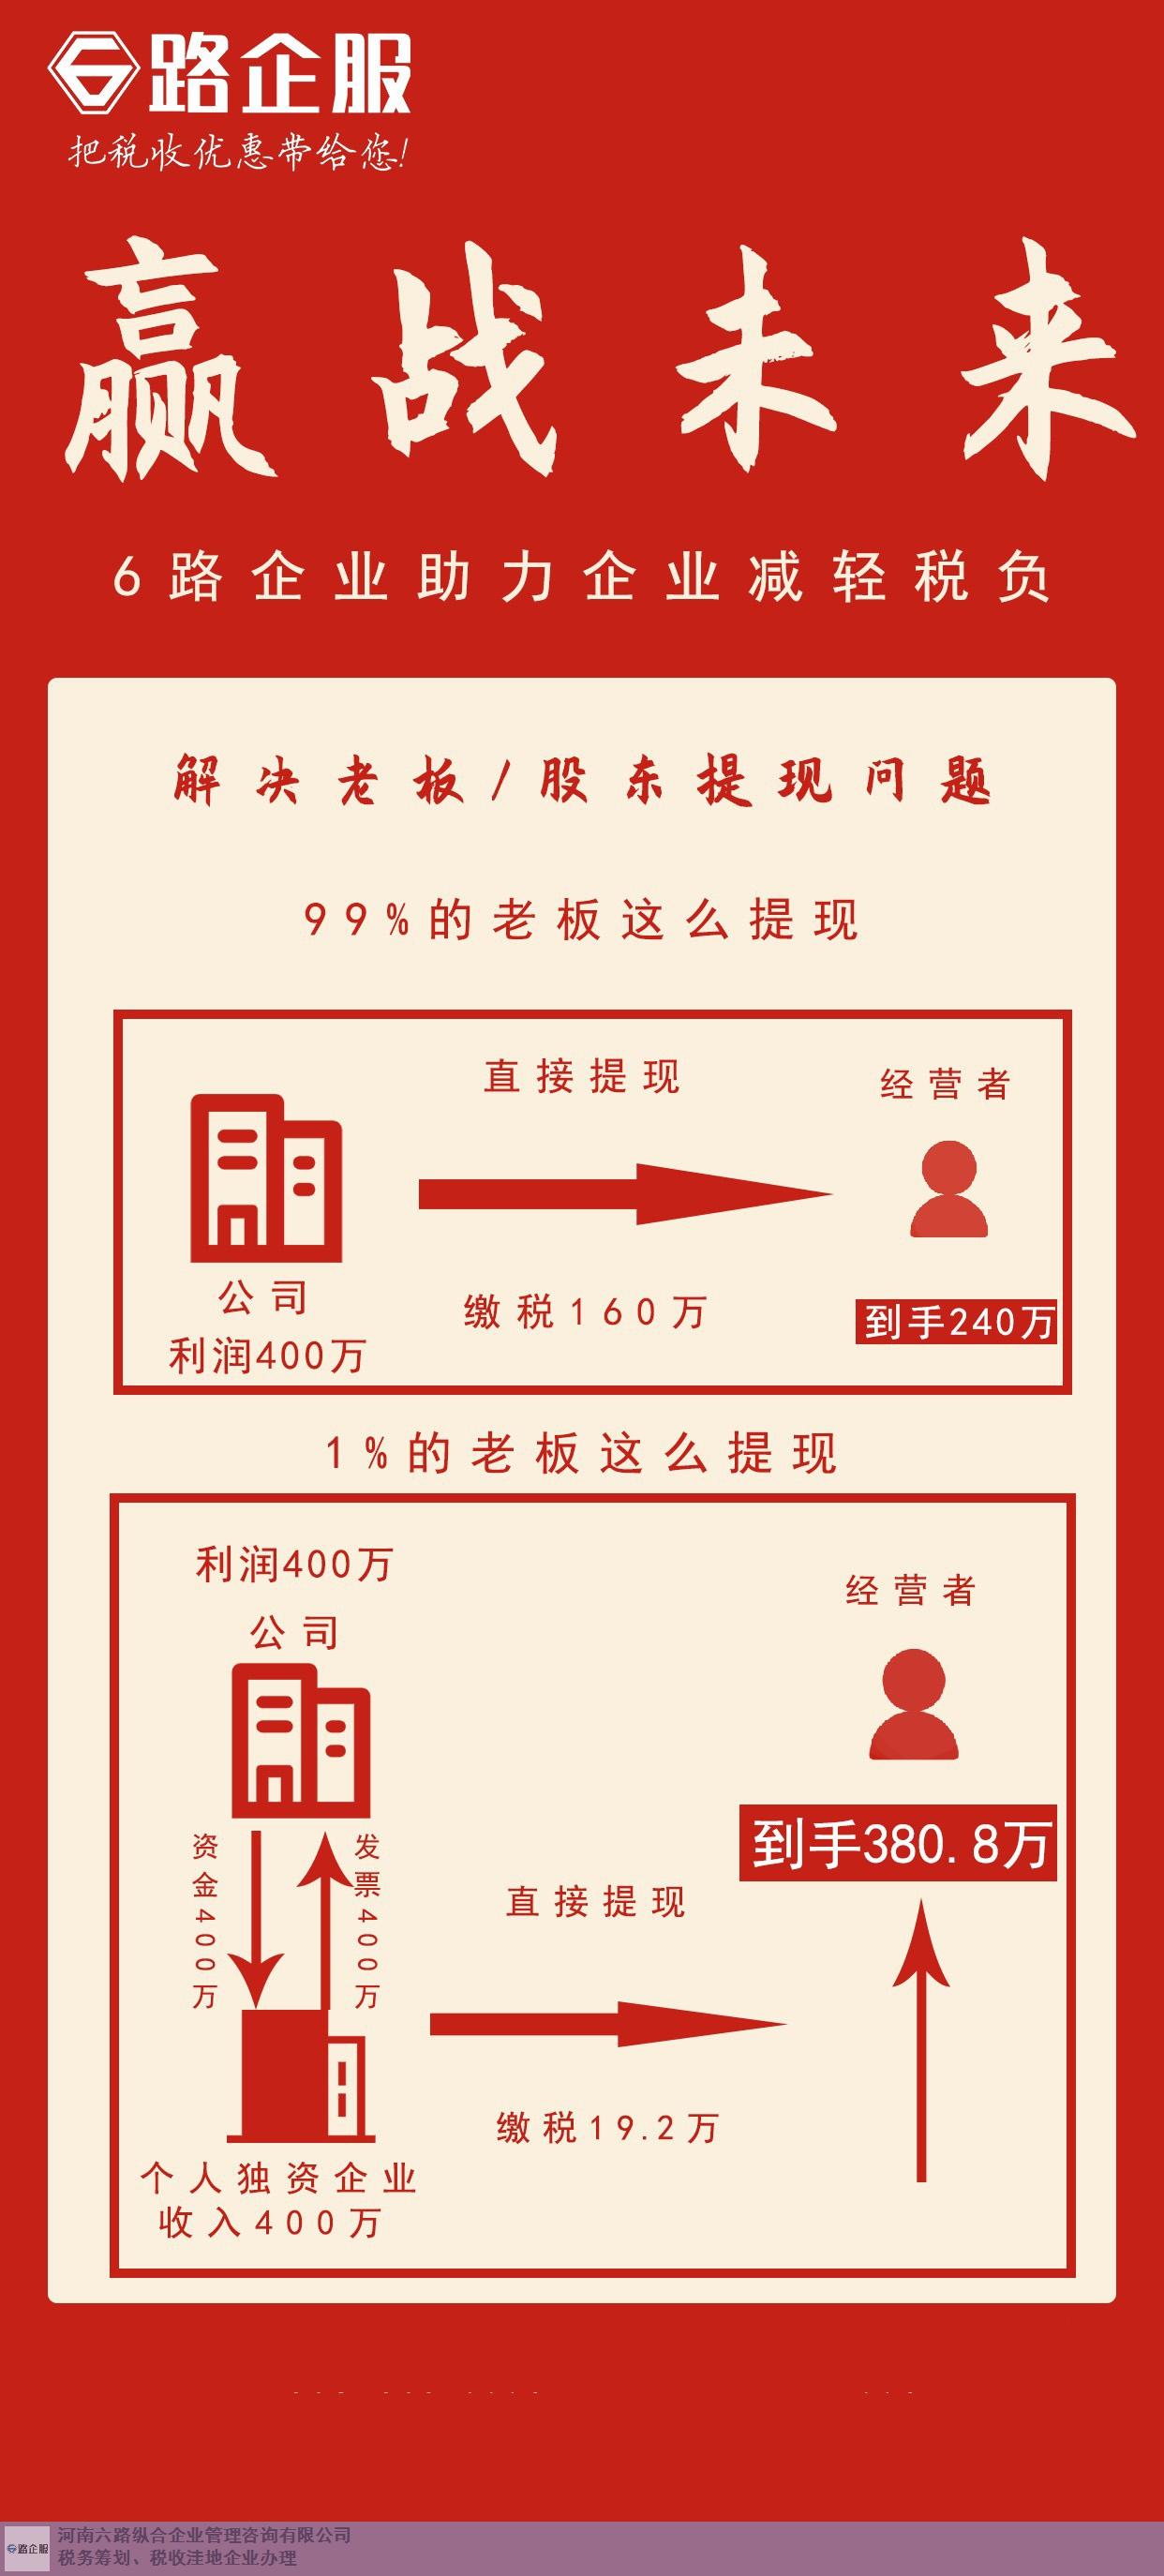 鄭州醫藥行業稅務籌劃 信息推薦 六路縱合供應